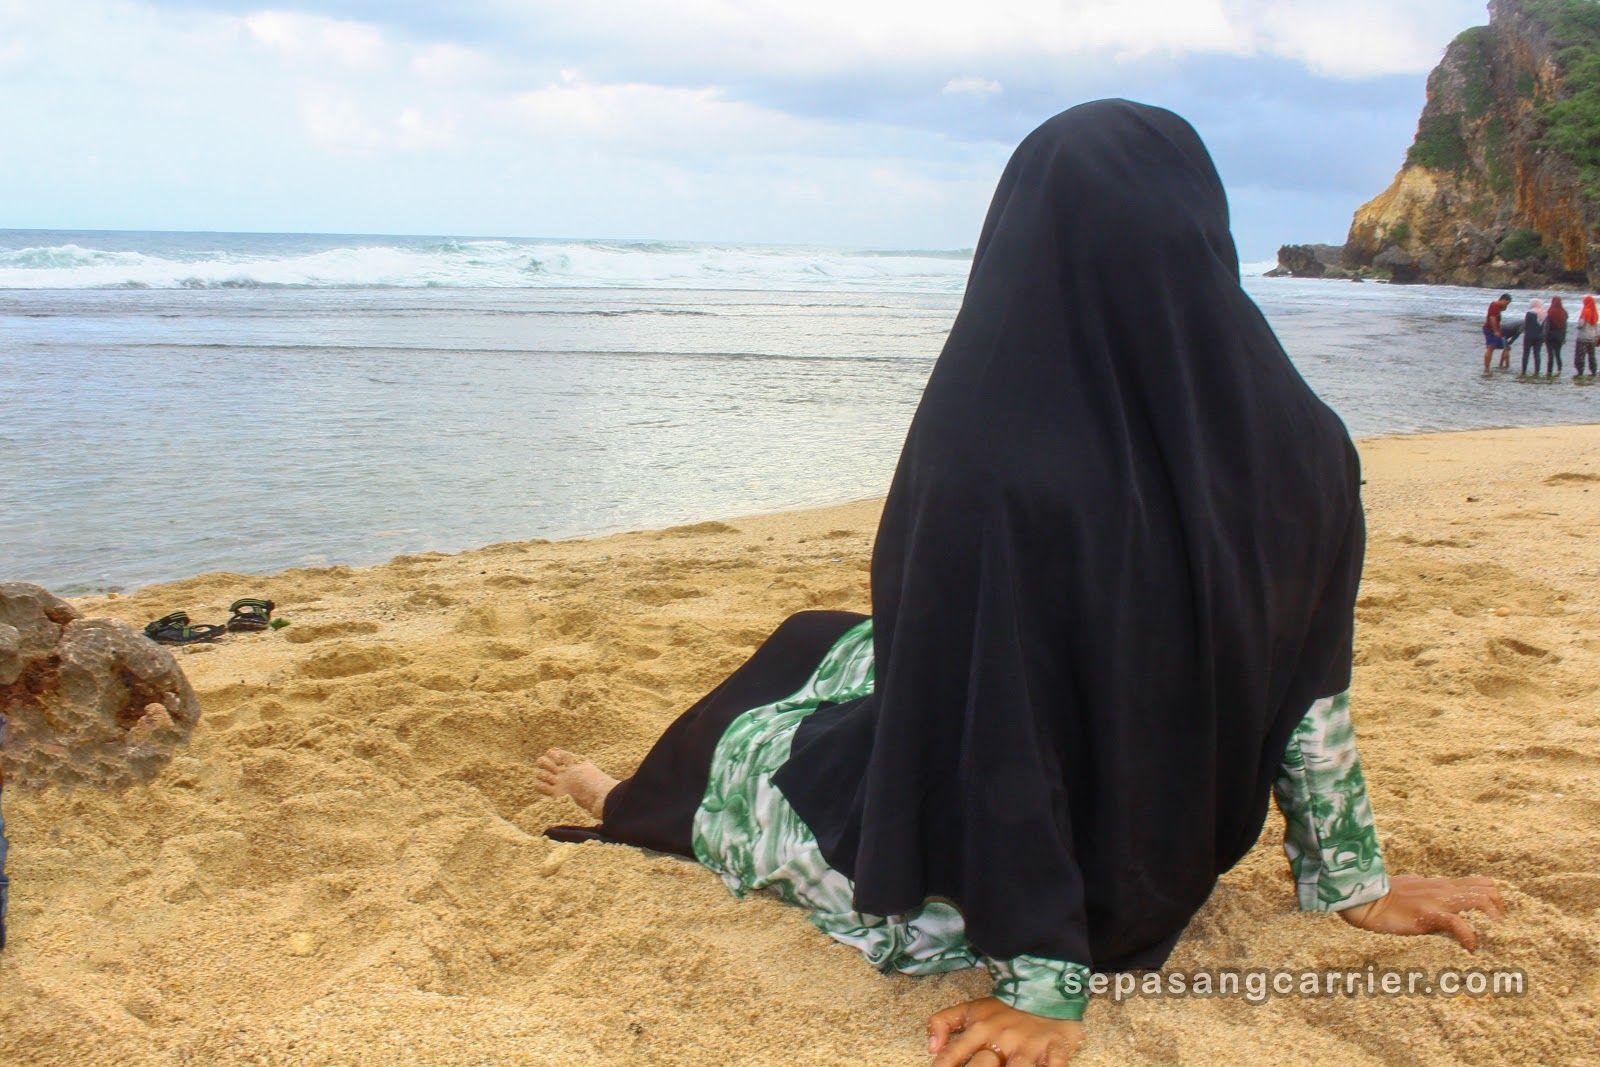 15 Wisata Pantai Nguyahan Dan Pantai Ngobaran Ideas Couple Photos Nun Dress Nuns